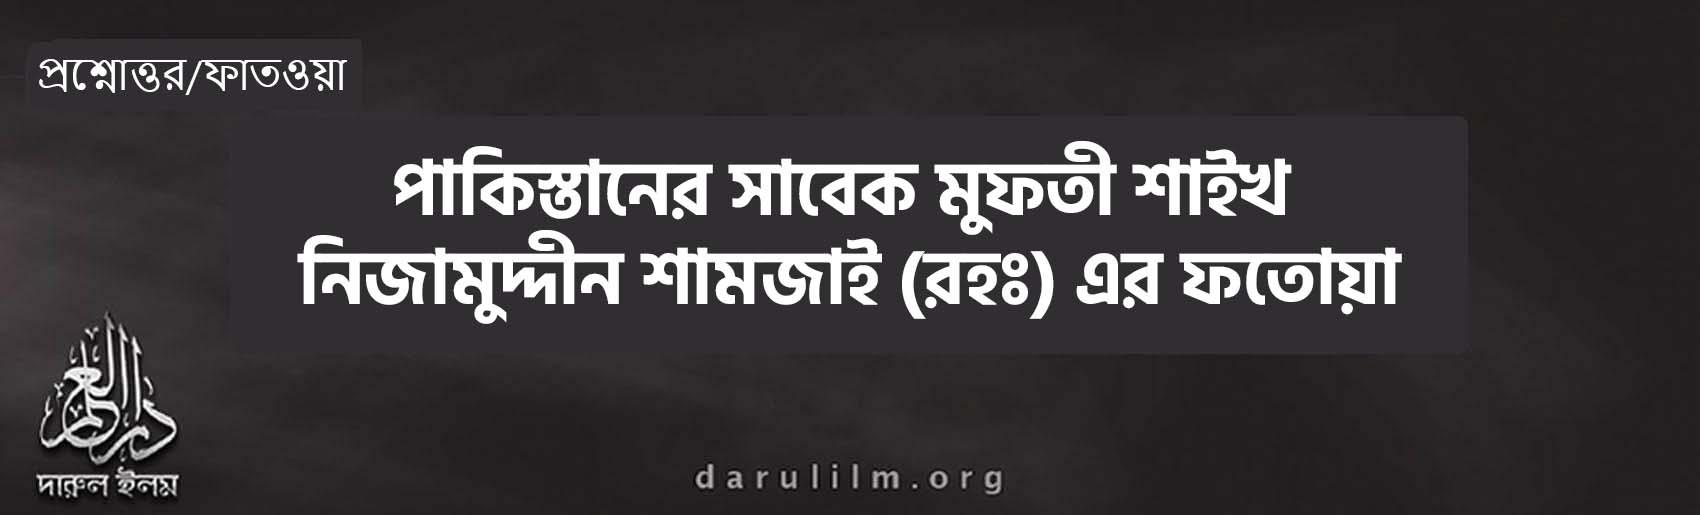 পাকিস্তানের সাবেক মুফতী শাইখ নিজামুদ্দীন শামজাই (রহঃ) এর ফতোয়া